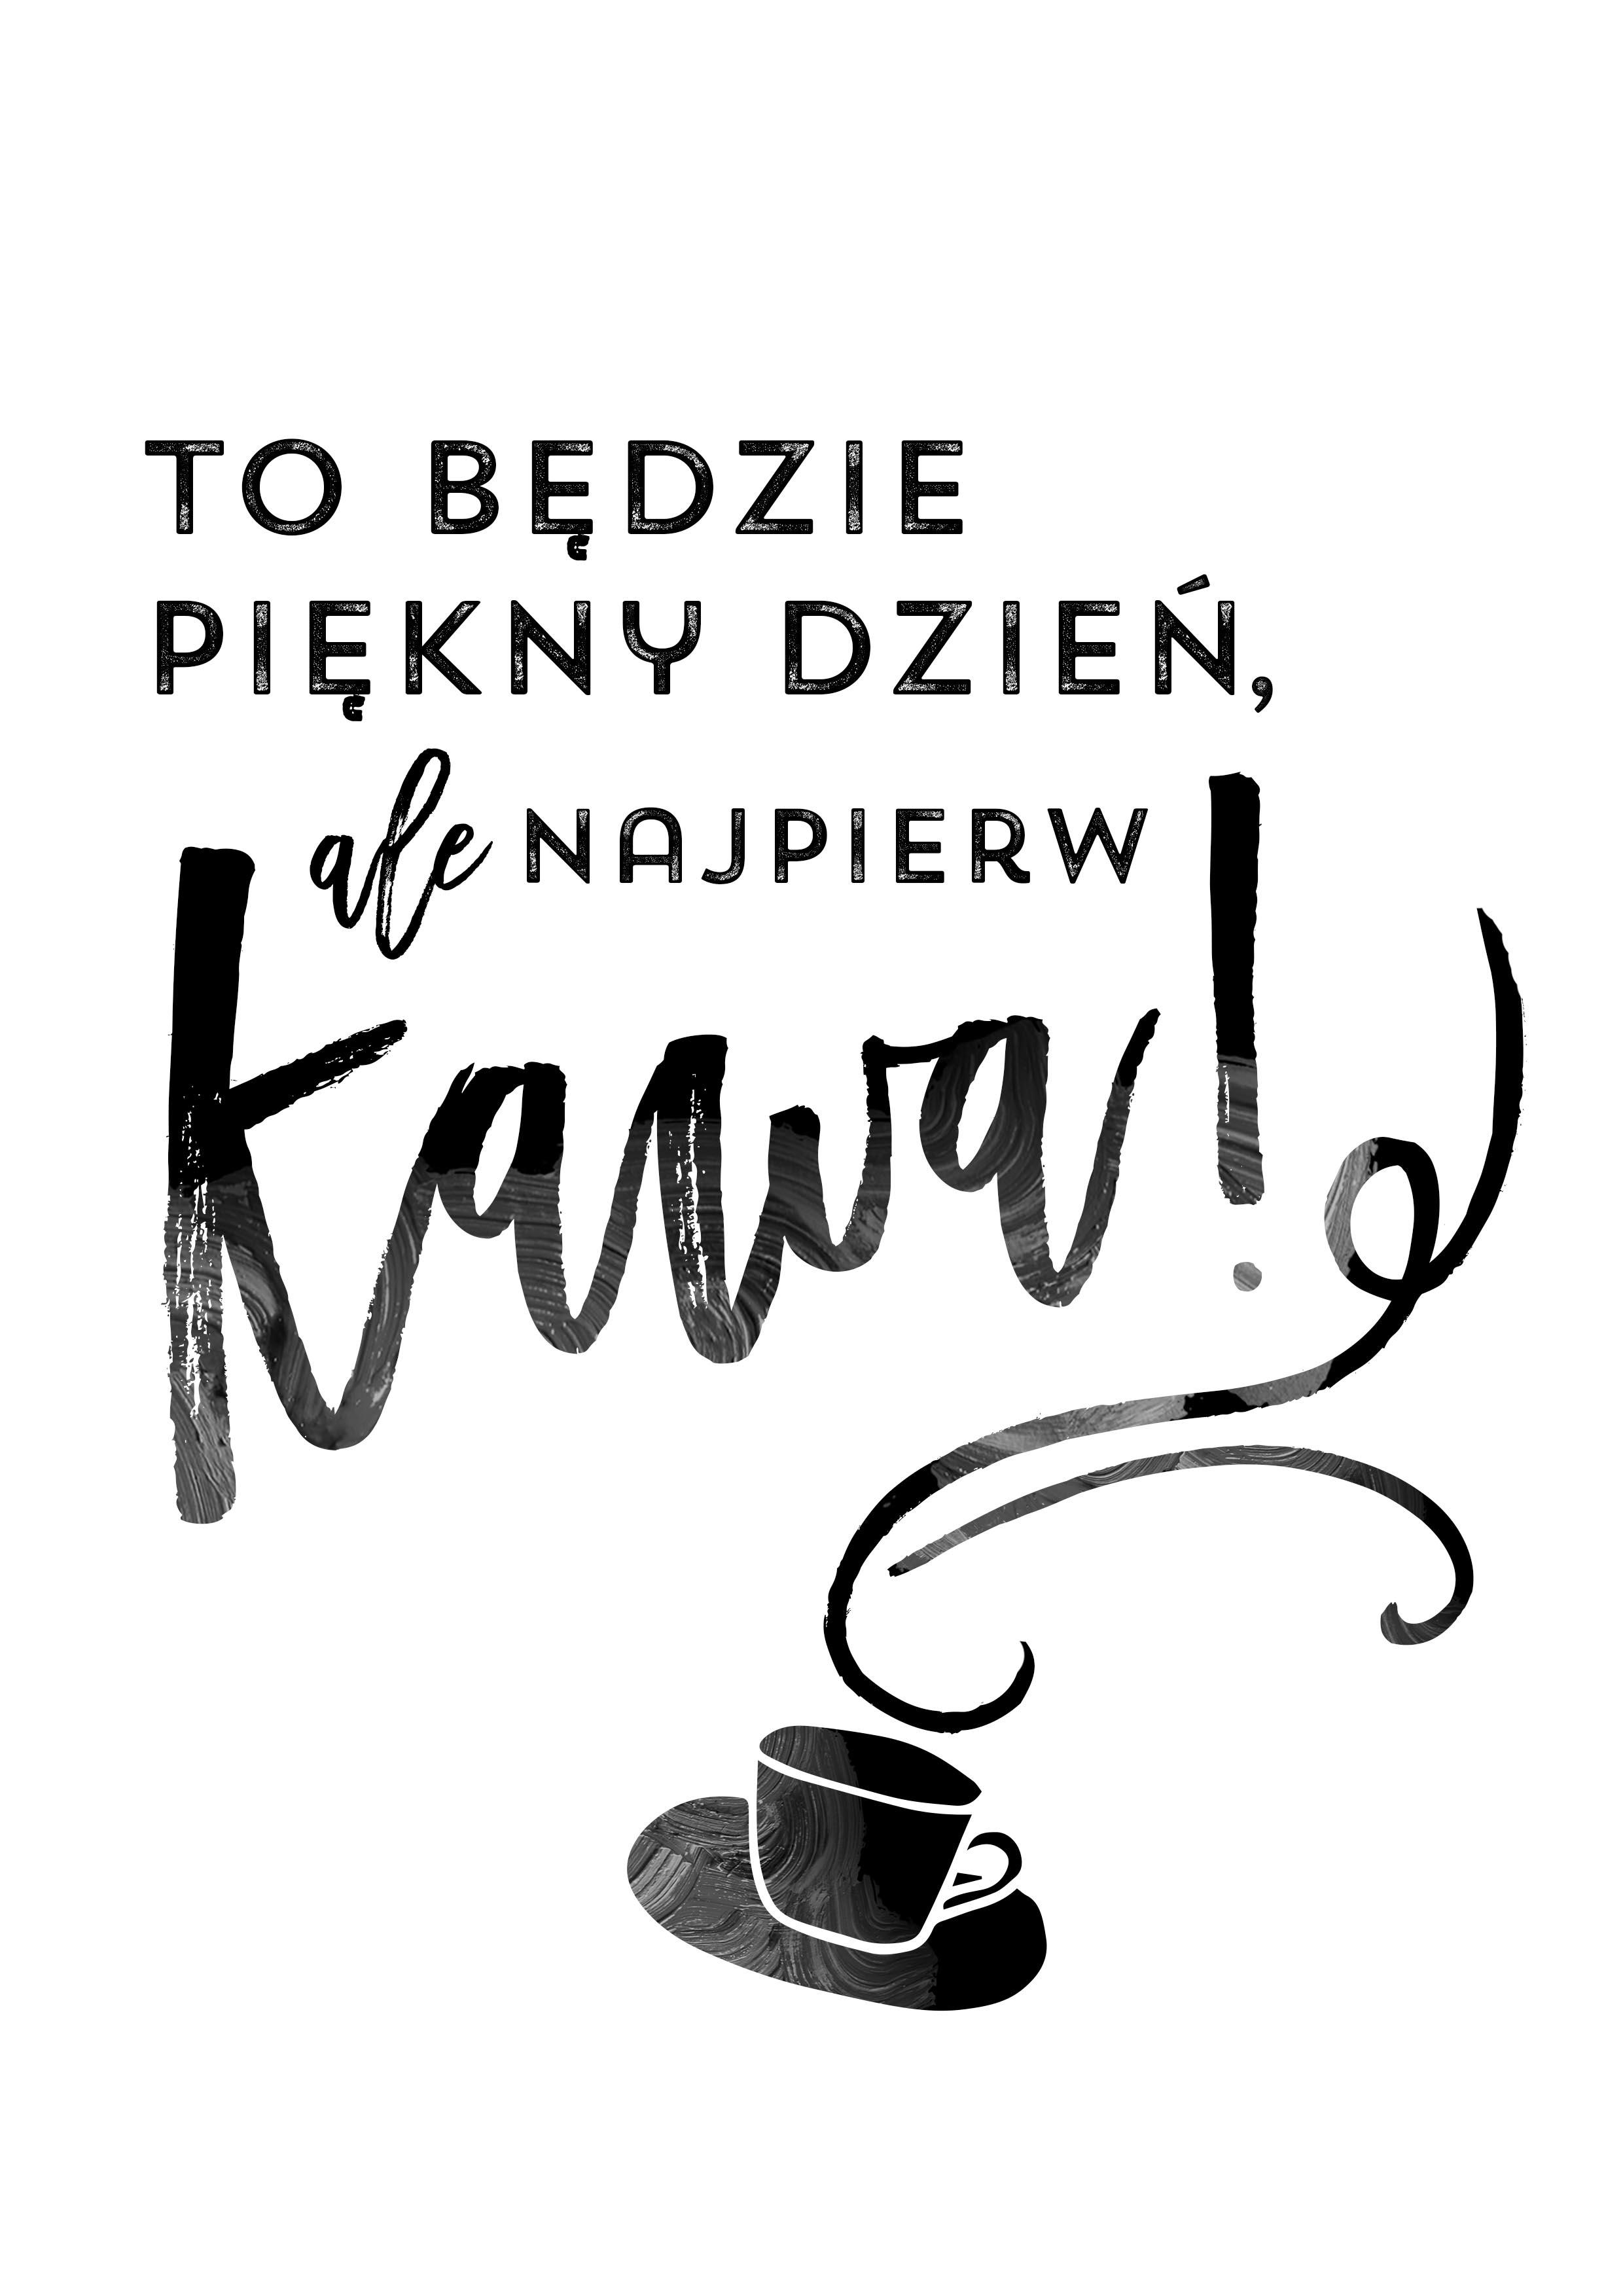 Czarno Białe Grafiki Motywacyjne Po Polsku Me Bloghubpl